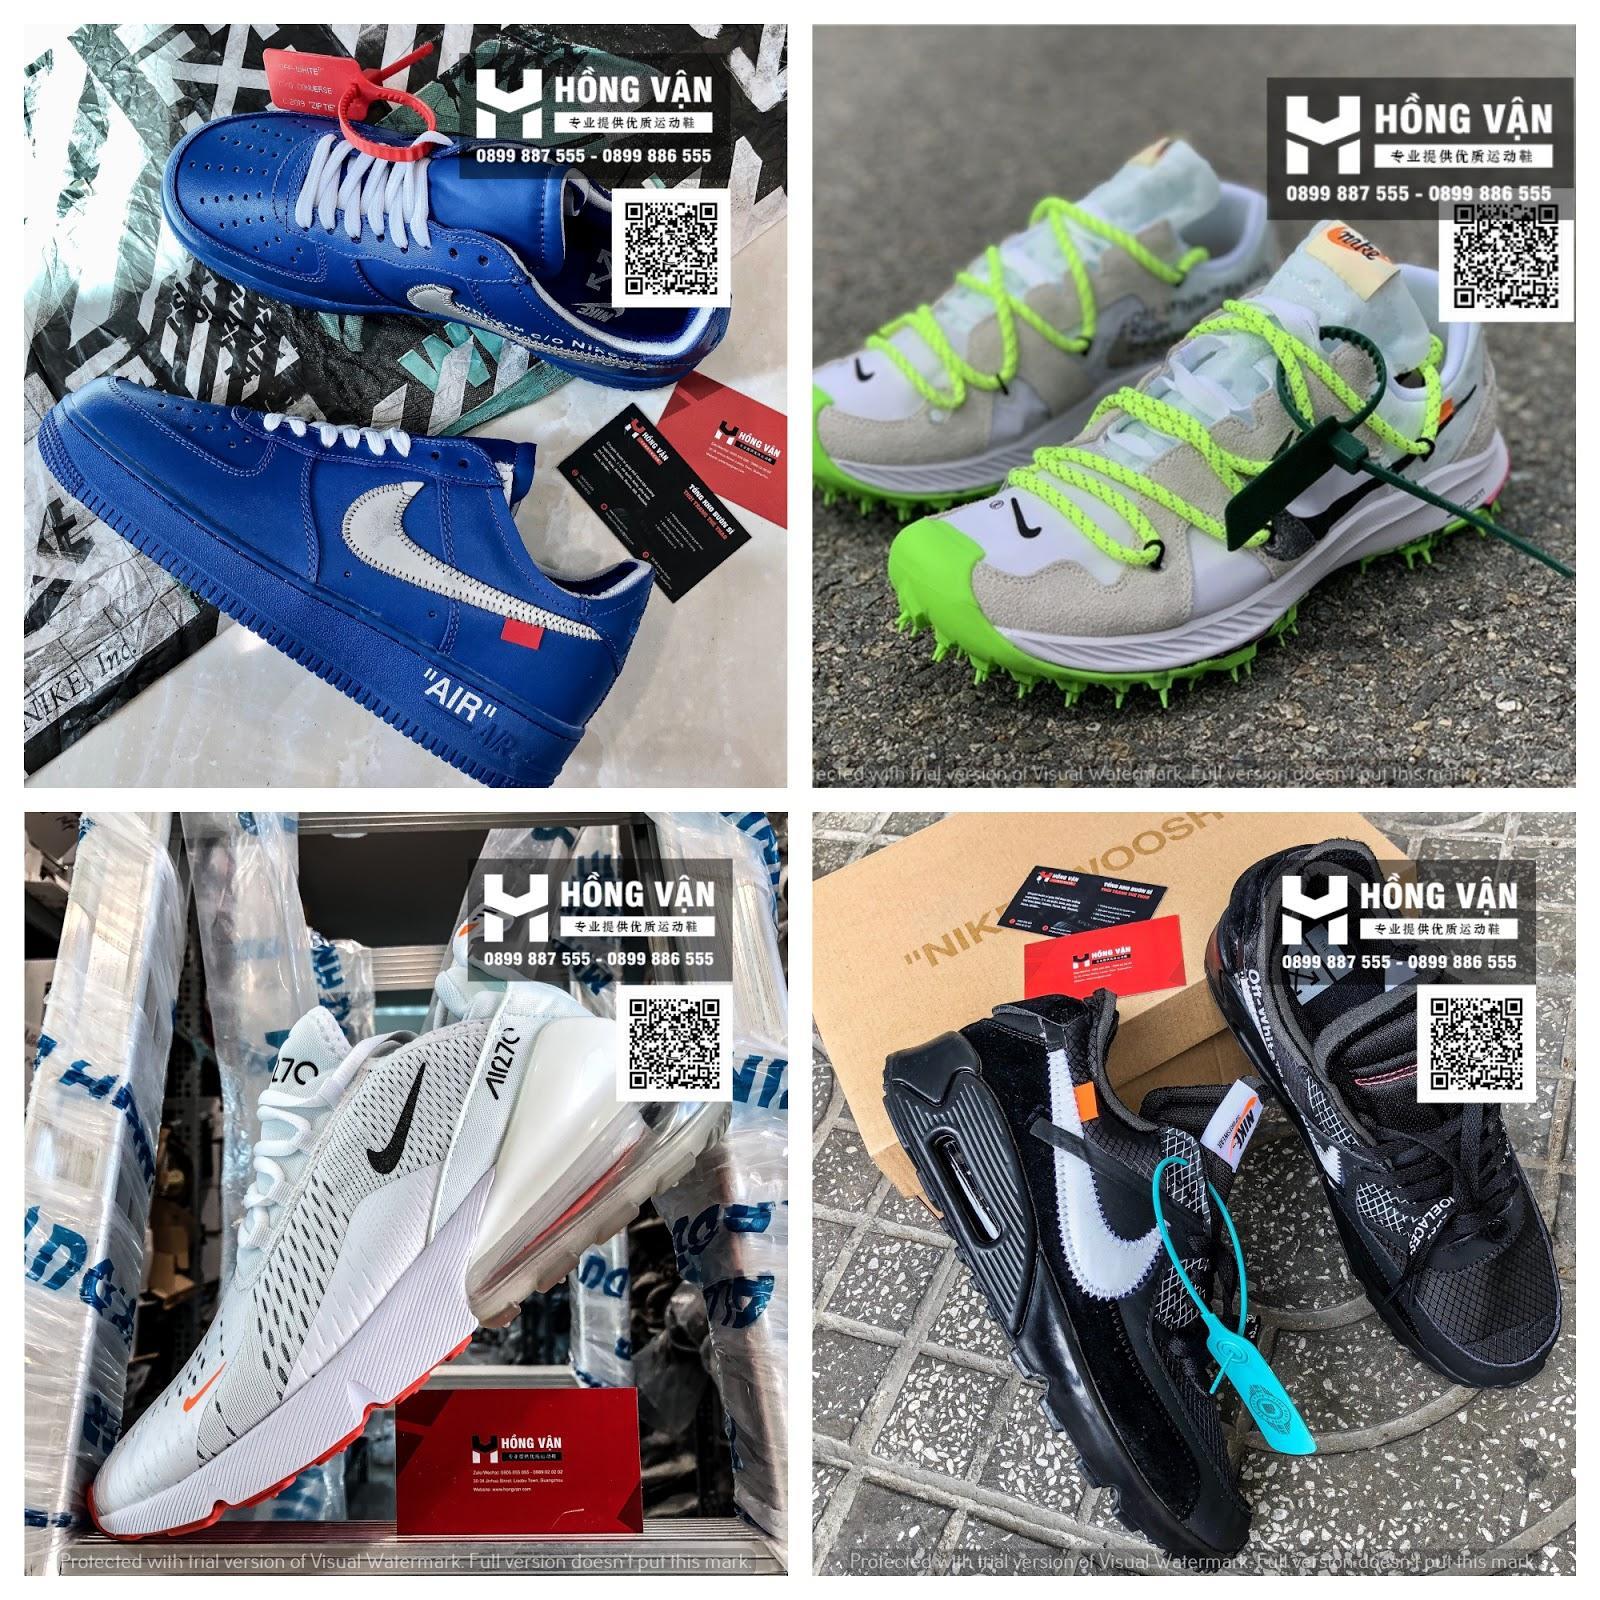 Nguồn hàng sỉ giày thể thao Sf, rep, rep 1:1 chuẩn chất lượng , uy tín - 7